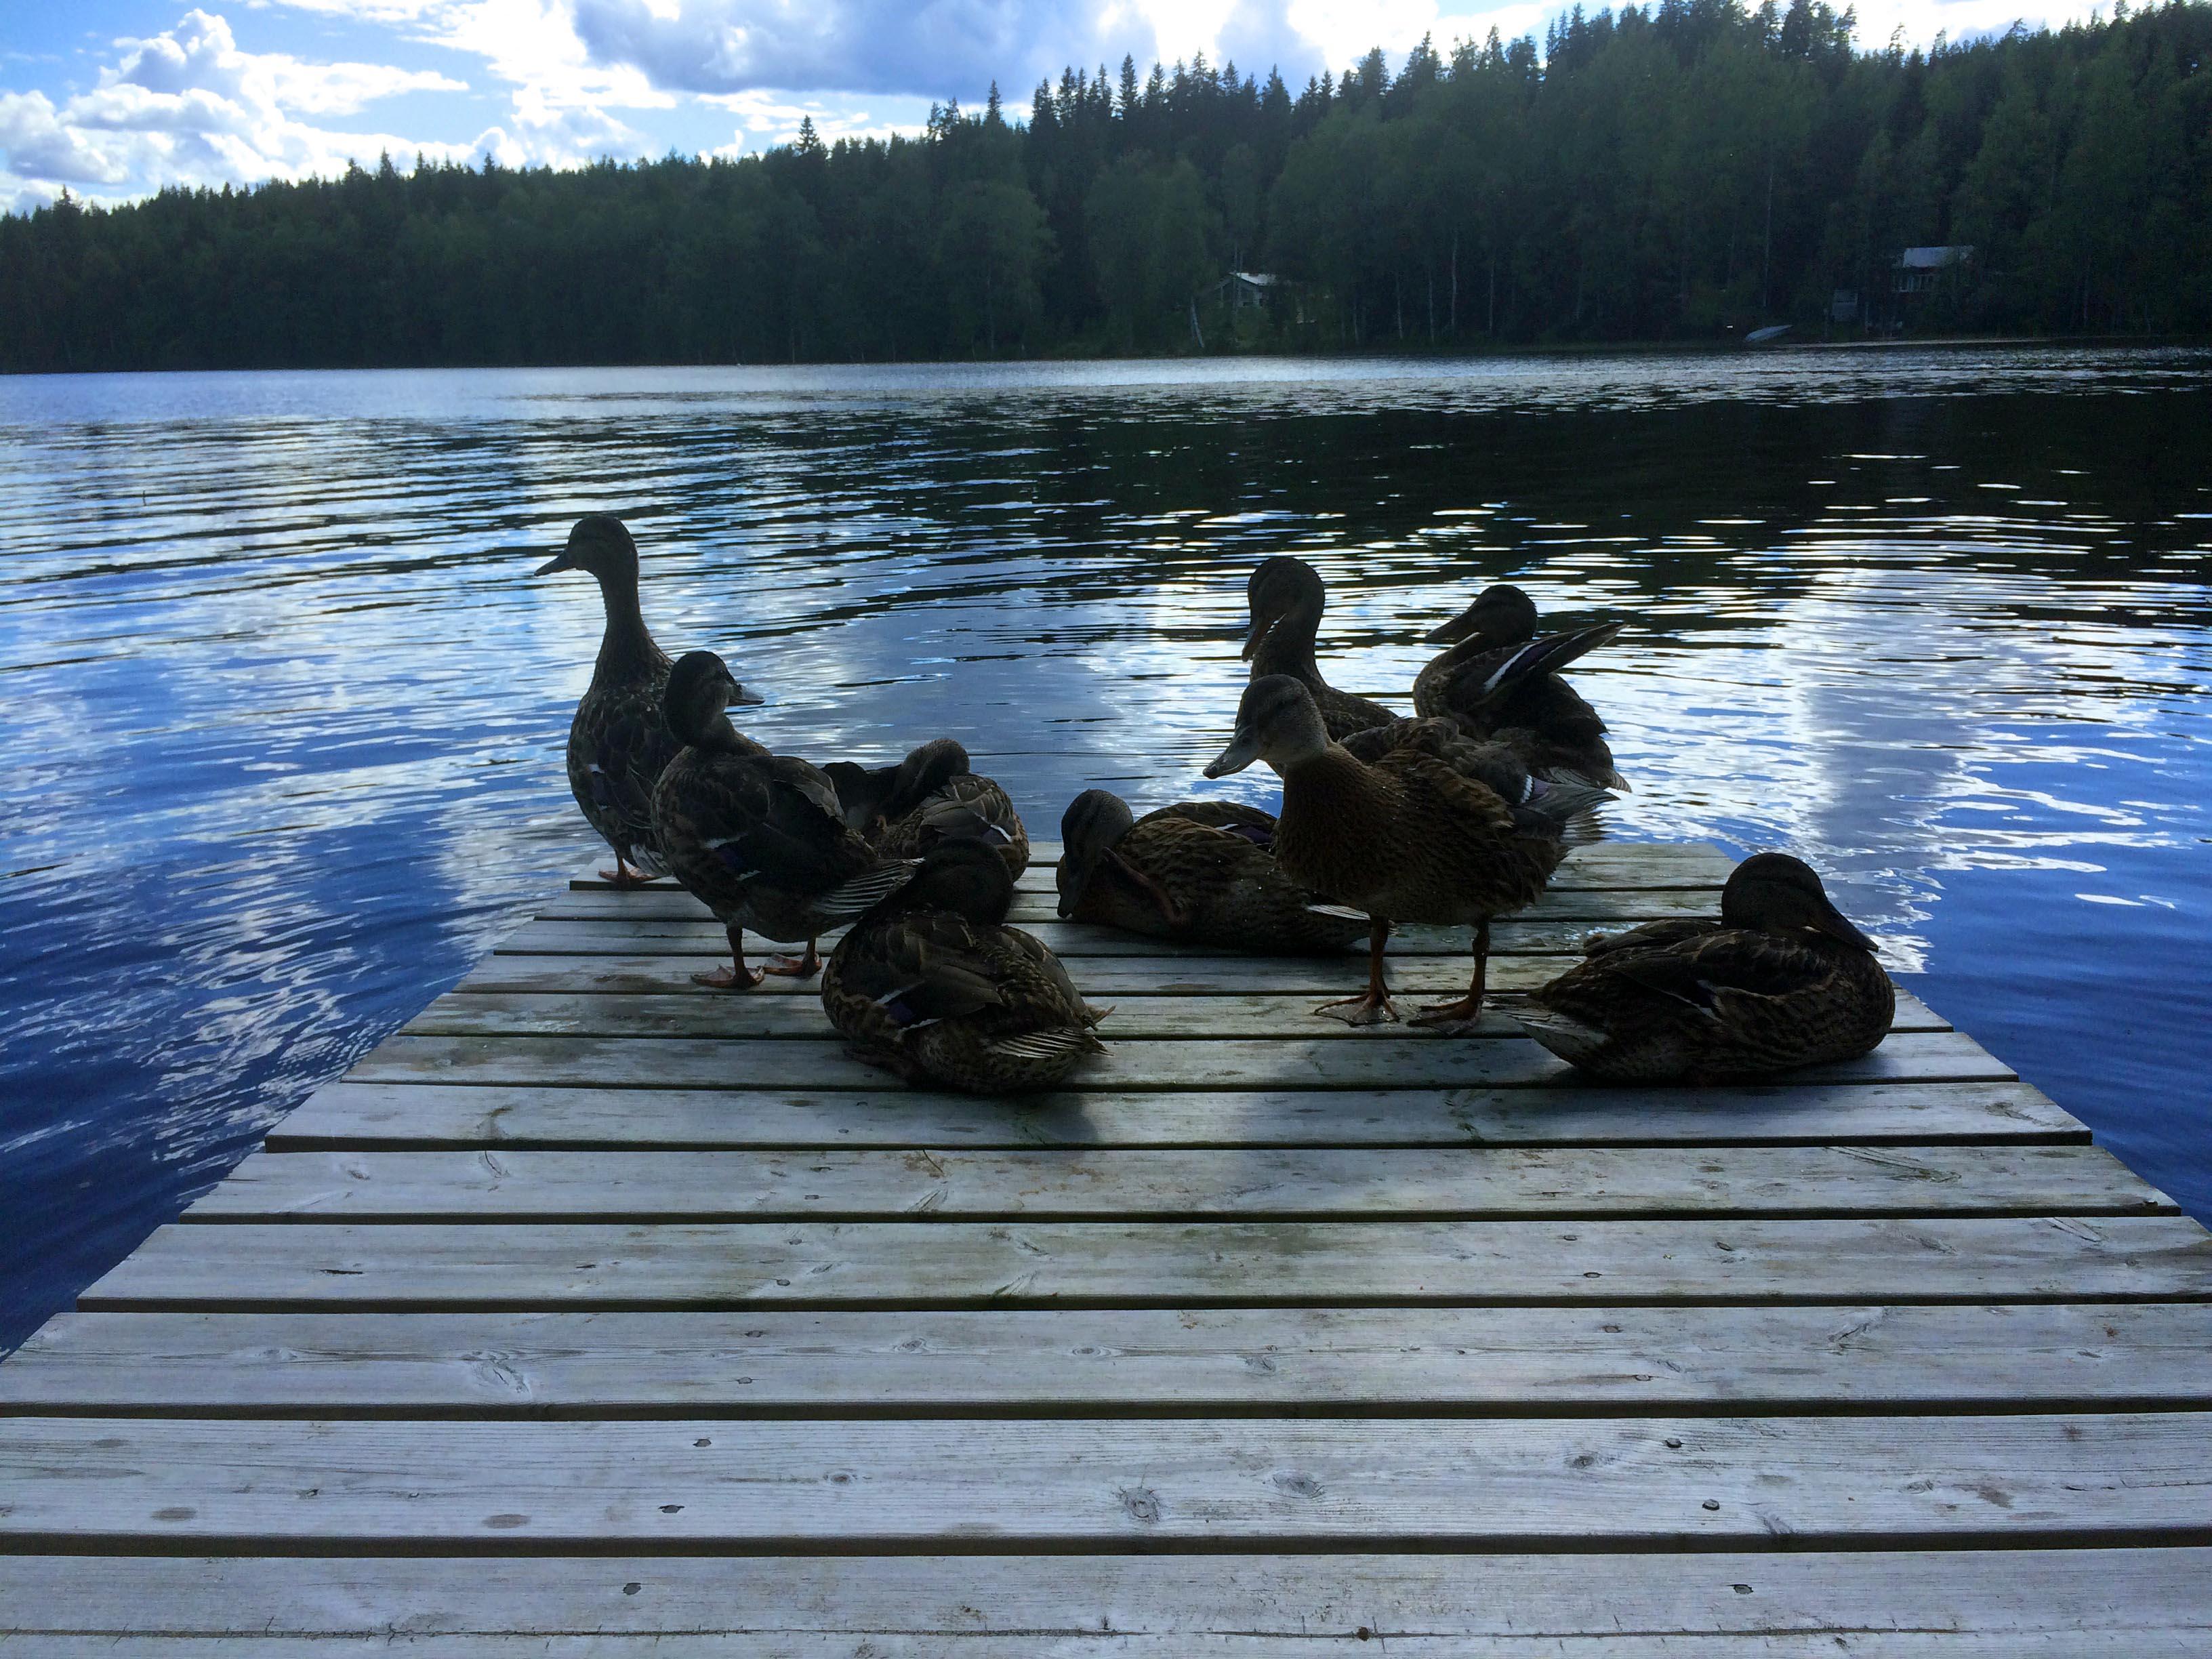 Taking photos on lake